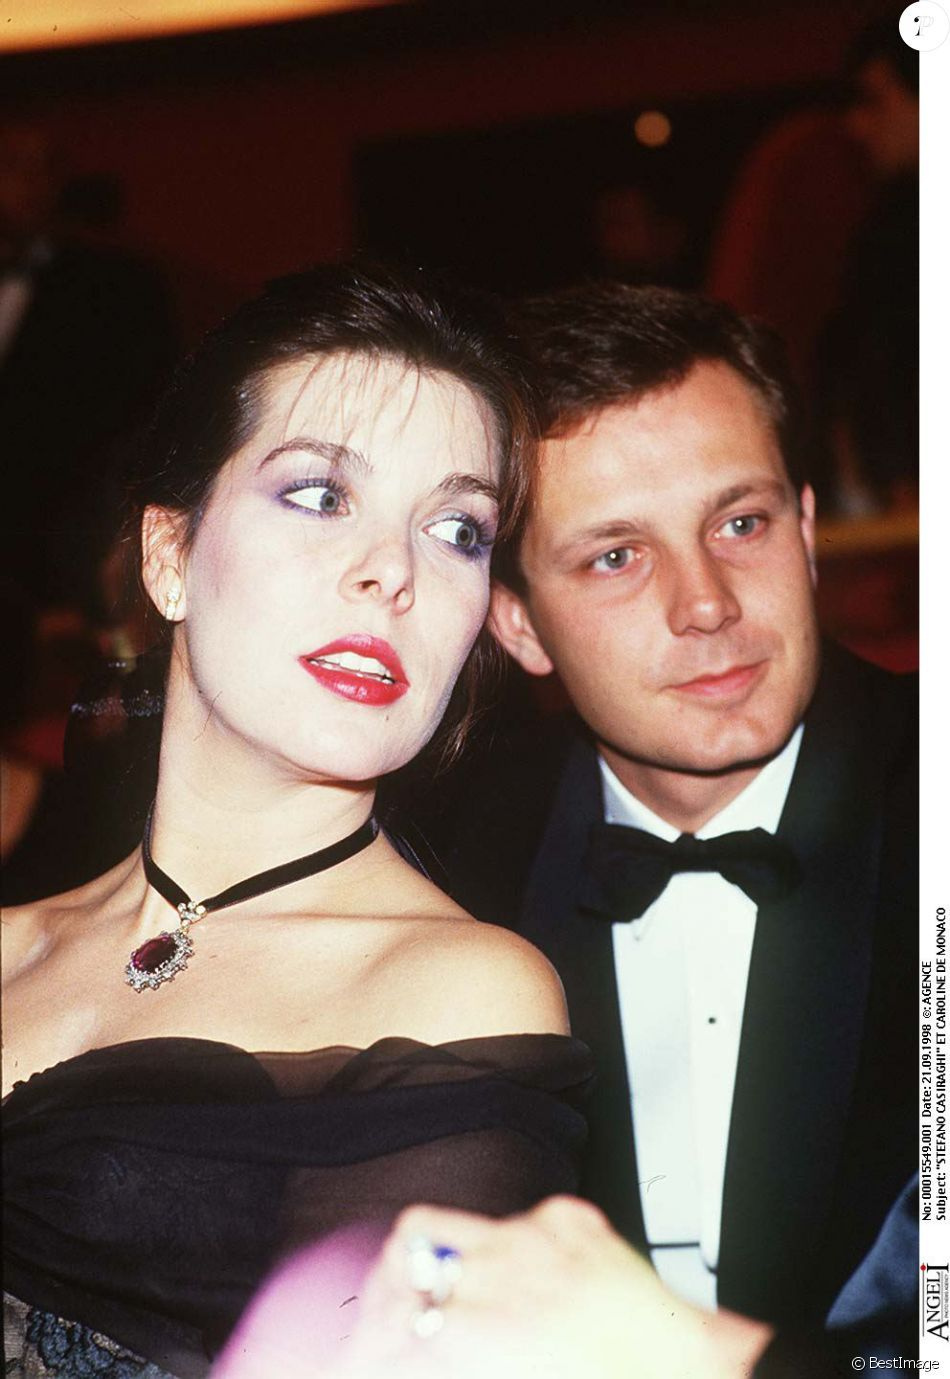 c907abacb6 La princesse Caroline de Monaco et Stefano Casiraghi en décembre 1987 à  Paris lors d une soirée au profit de la lutte contre le sida.